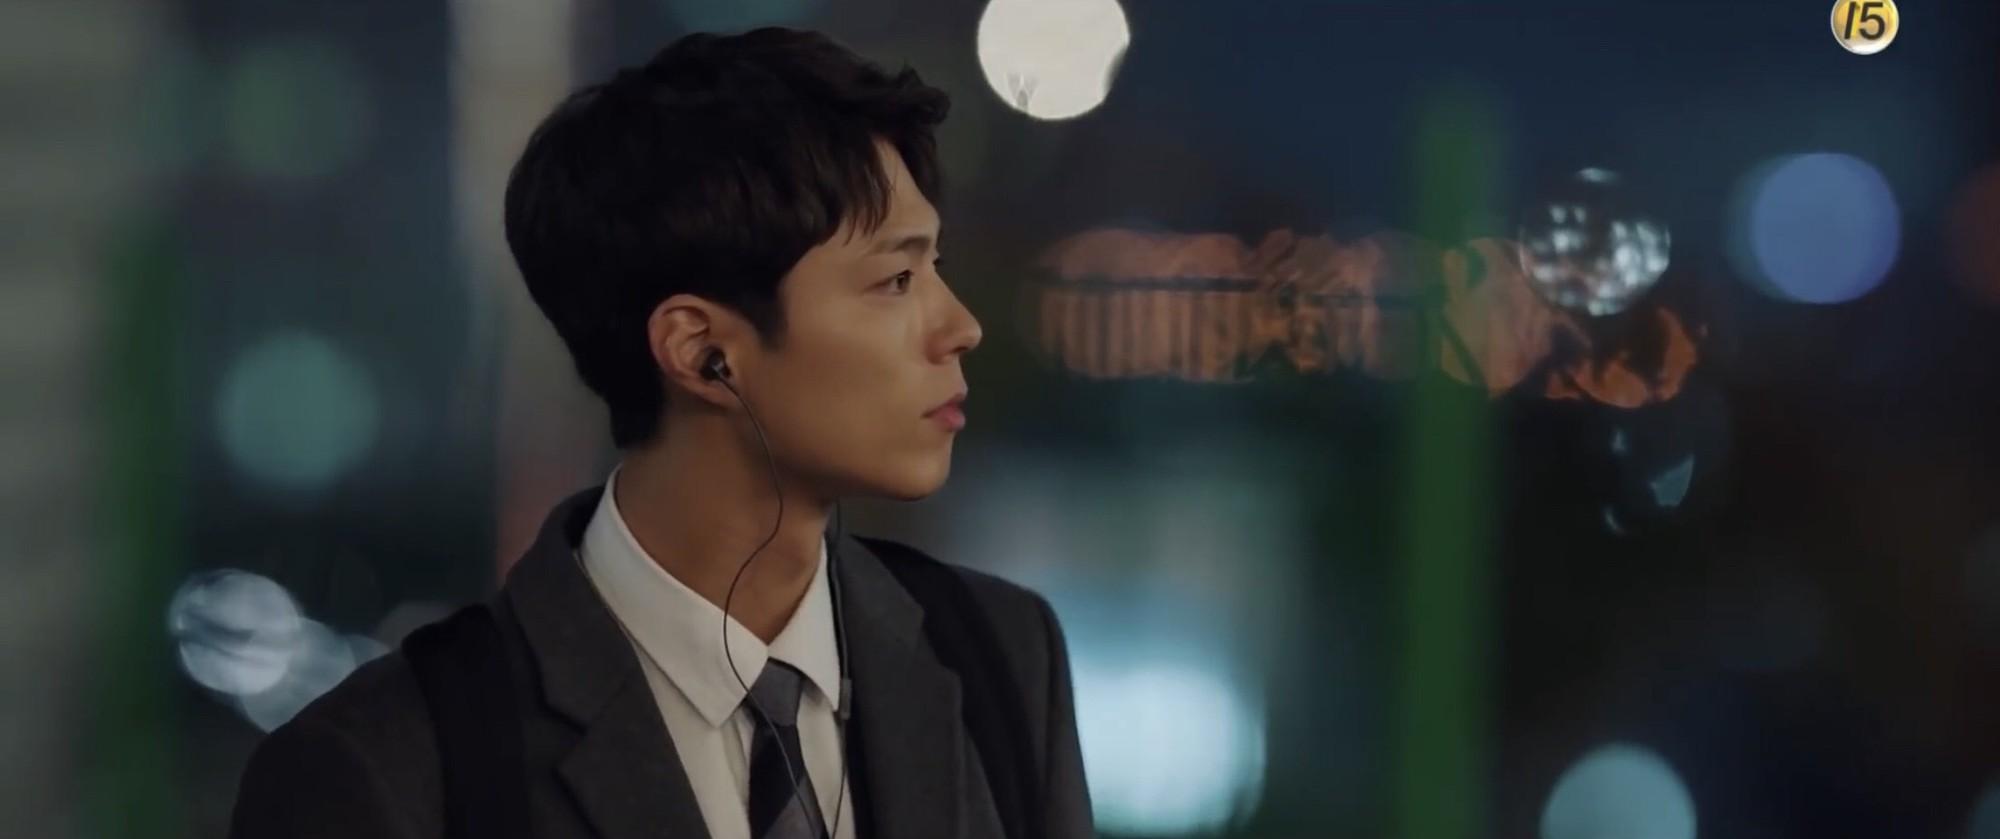 Song Hye Kyo và Park Bo Gum trong teaser mới nhất của Encounter: Một lần tương ngộ, nghìn ngày khó quên - Ảnh 15.